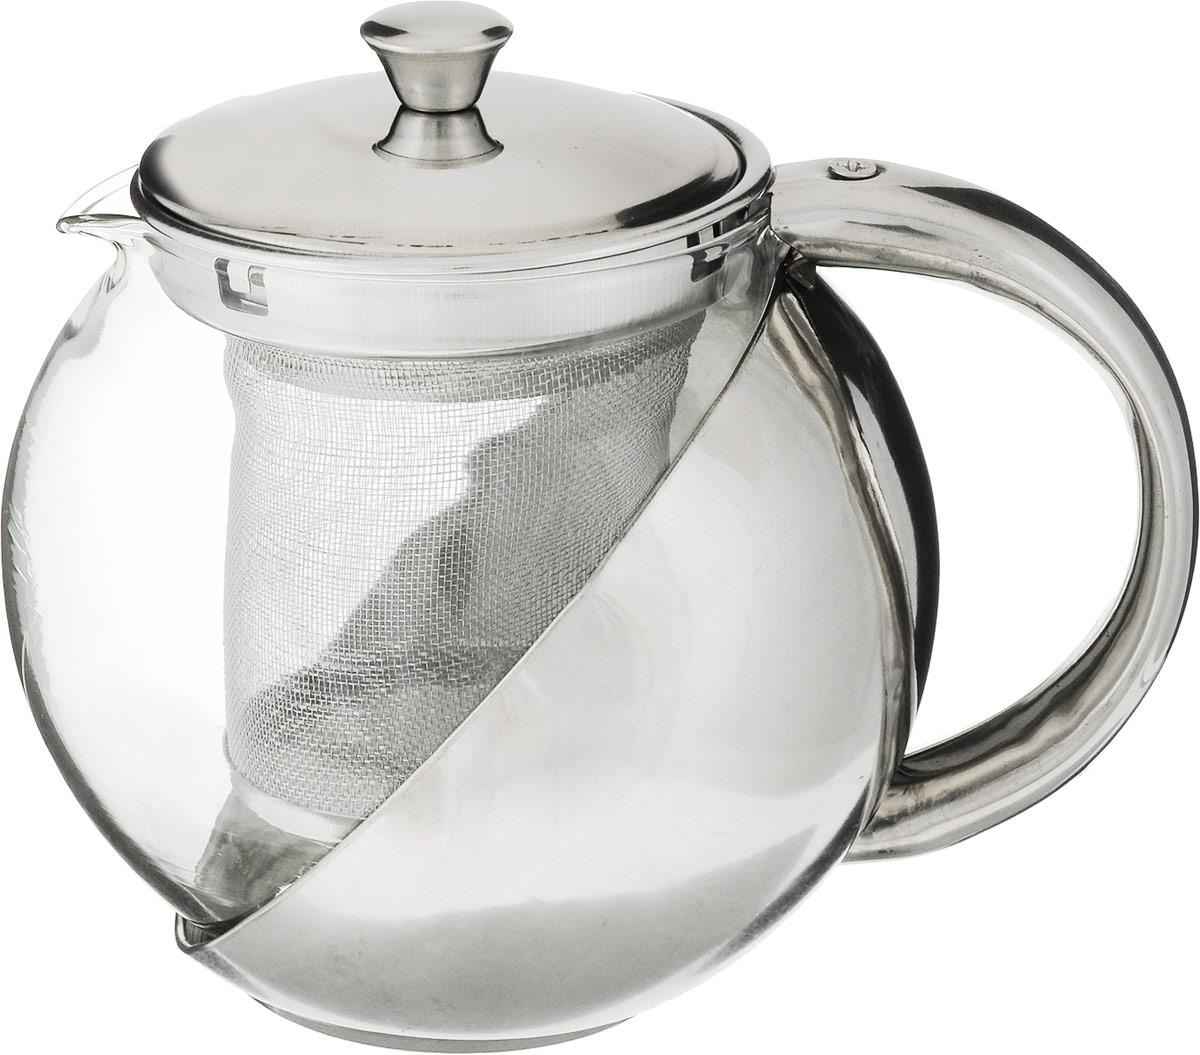 Чайник заварочный Bohmann, с фильтром, 750 мл9622BH/24Изящный и современный чайник Bohmann изготовлен из высококачественной нержавеющей стали и жаропрочного стекла. Съемный фильтр из стали позволит быстро и легко очистить чайник. Может быть использован для подачи как горячих, так и холодных напитков. Простой и удобный чайник Bohmann послужит великолепным подарком для любителей чая.Можно мыть в посудомоечной машине. Диаметр чайника (по верхнему краю): 8 см.Высота чайника (с учетом крышки): 13 см.Высота фильтра: 8 см.